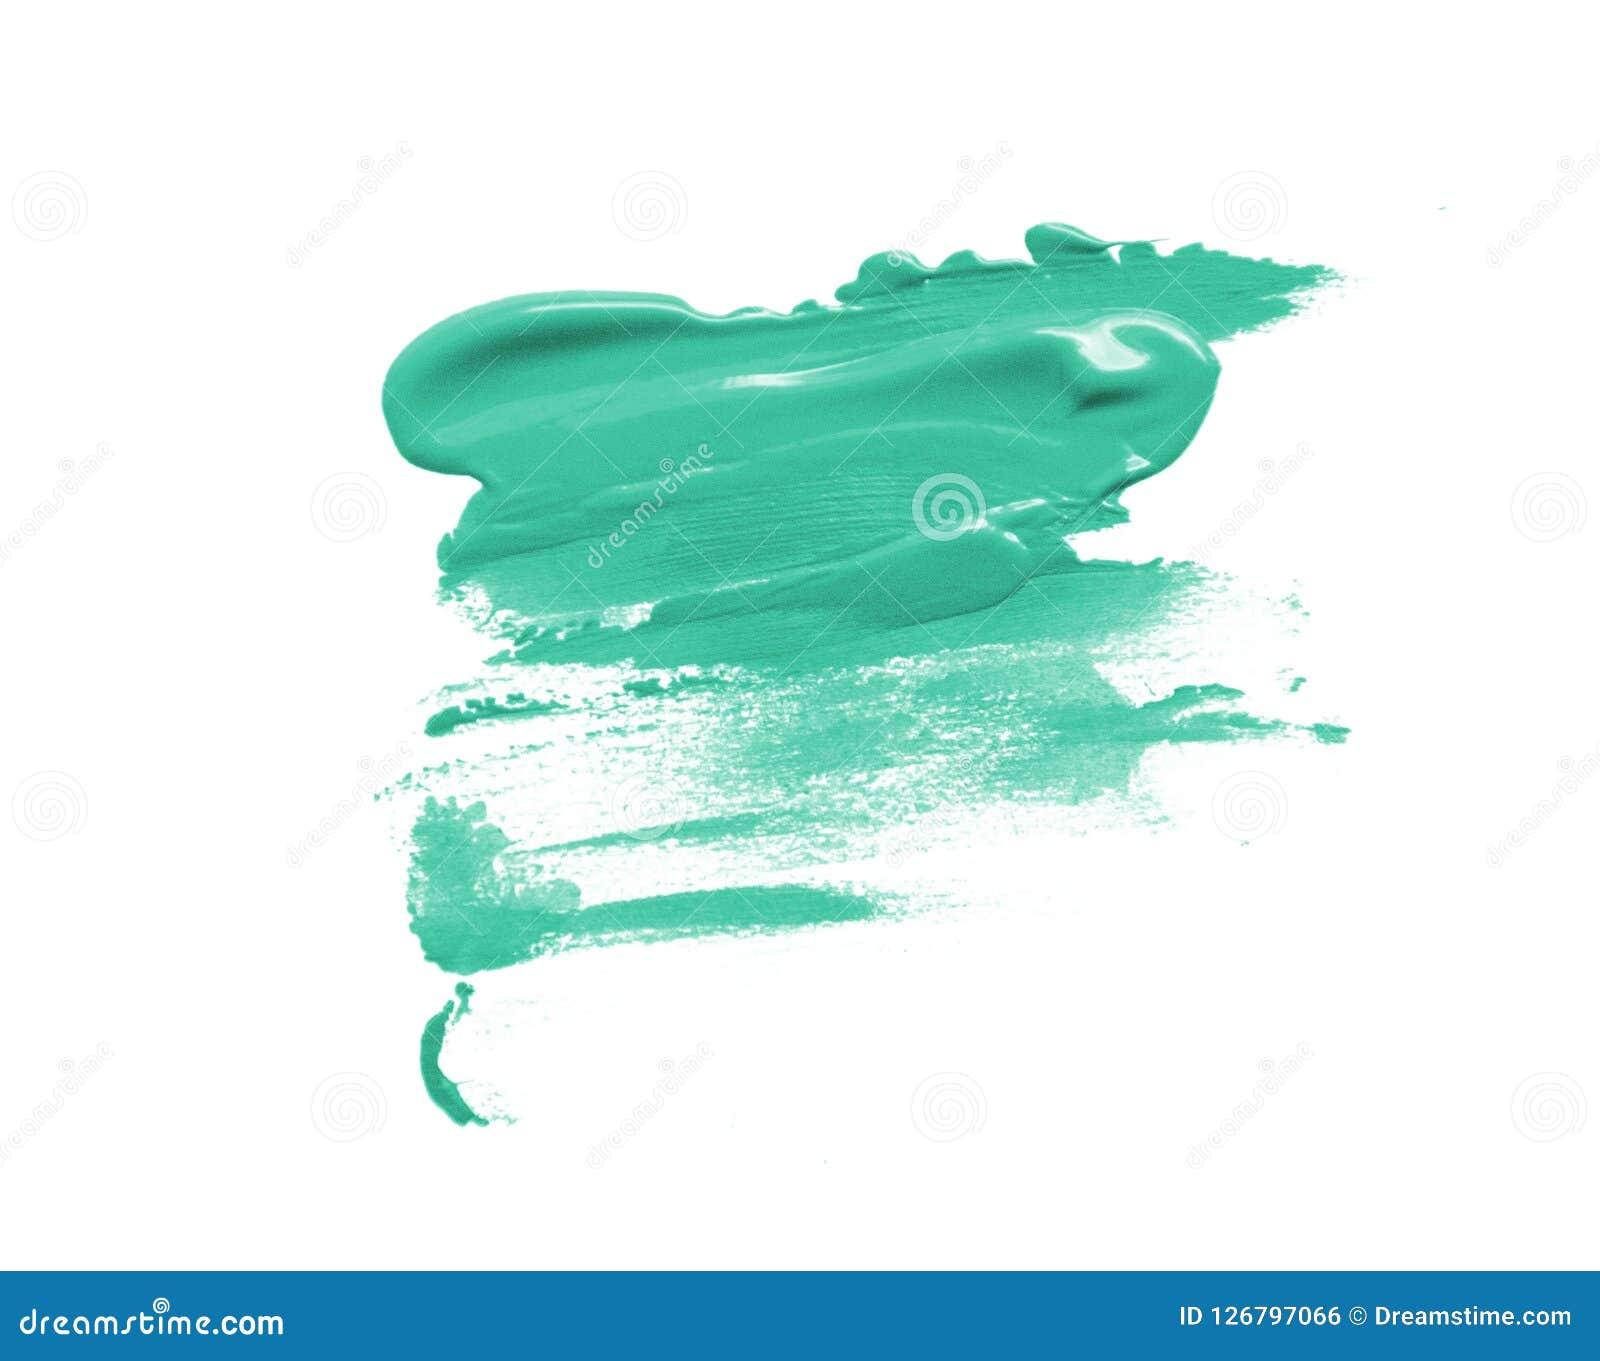 Turkooise mooie de vlekslag van de verfborstel op geïsoleerde witte achtergrond